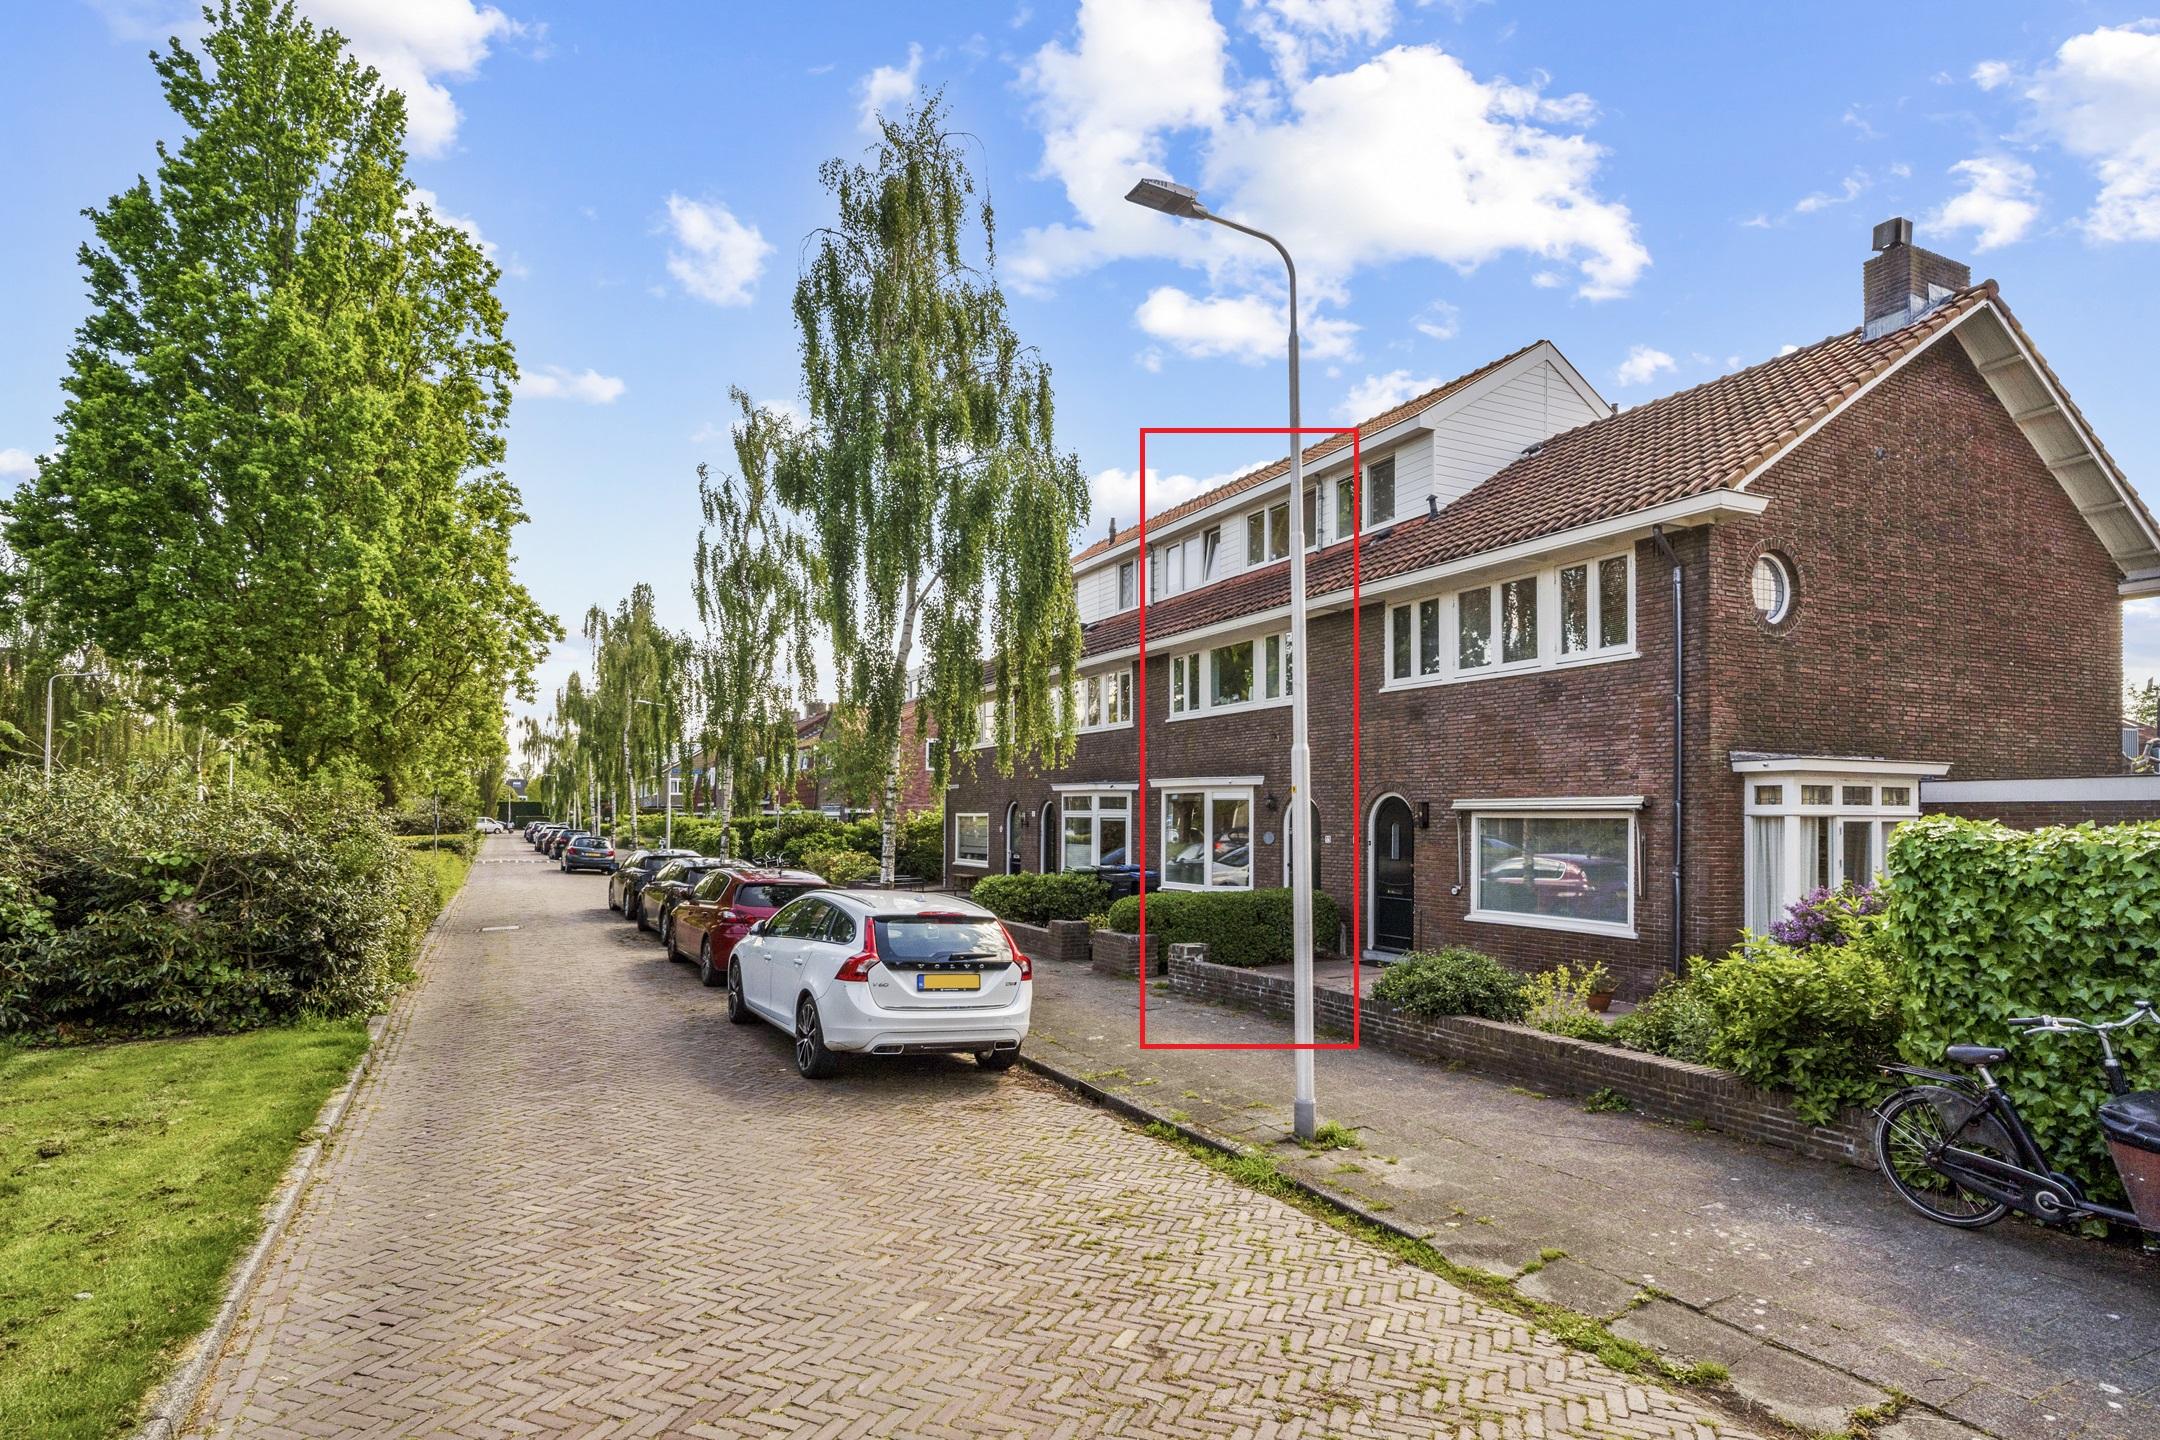 Lunshof makelaars Amstelveen en Amsterdam - Jan Benninghstraat 33  Amstelveen